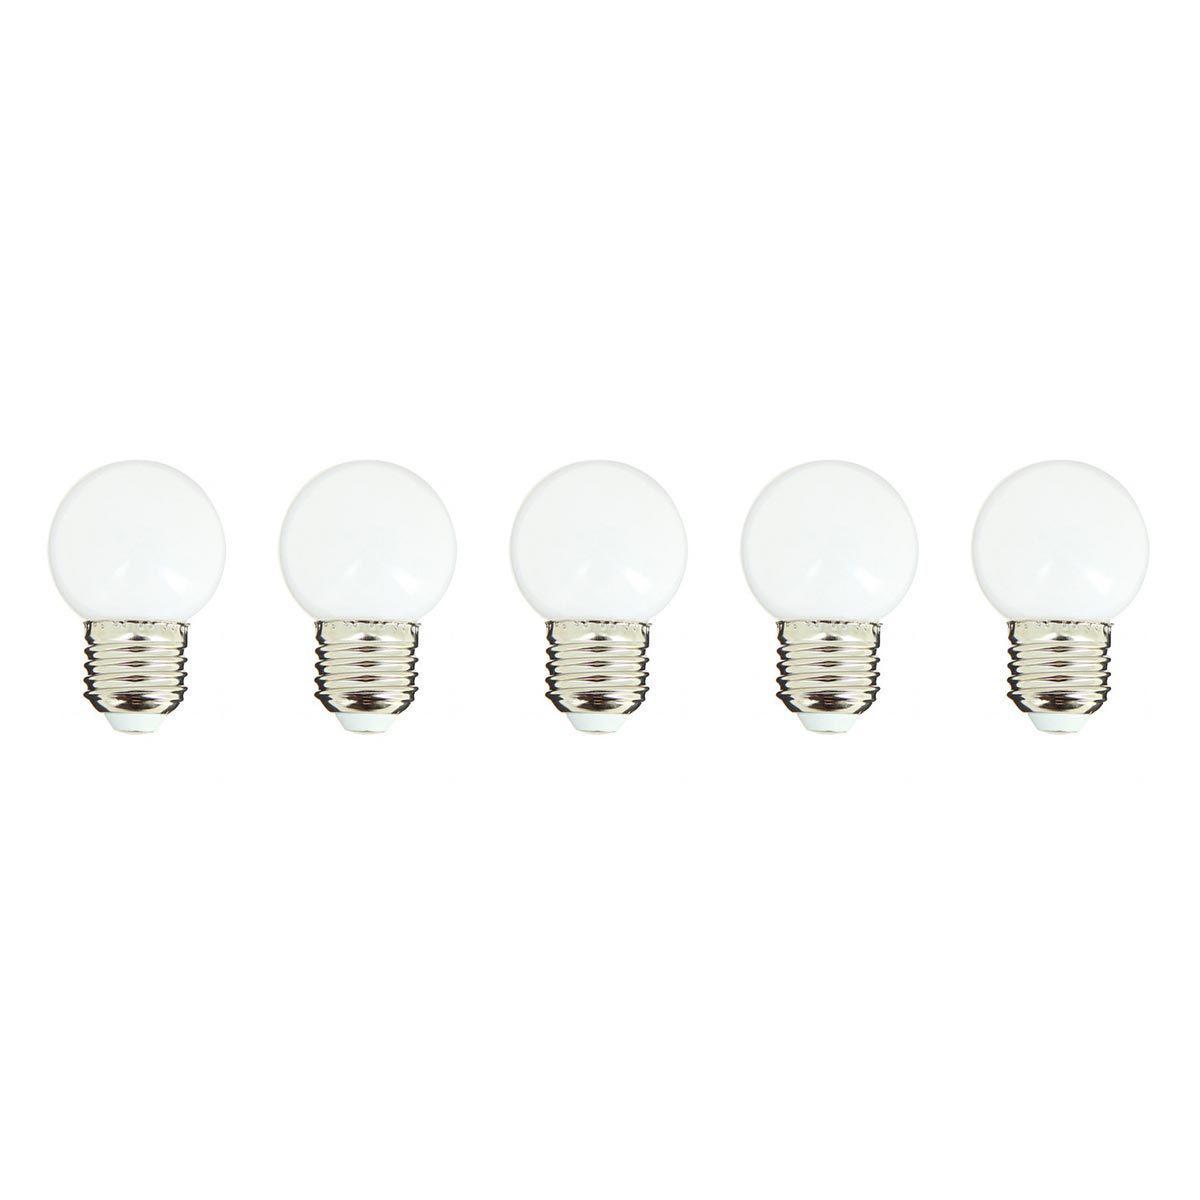 Lumisky Lot de 5 ampoules LED E27 PARTY BULB WHITE blanc H7cm